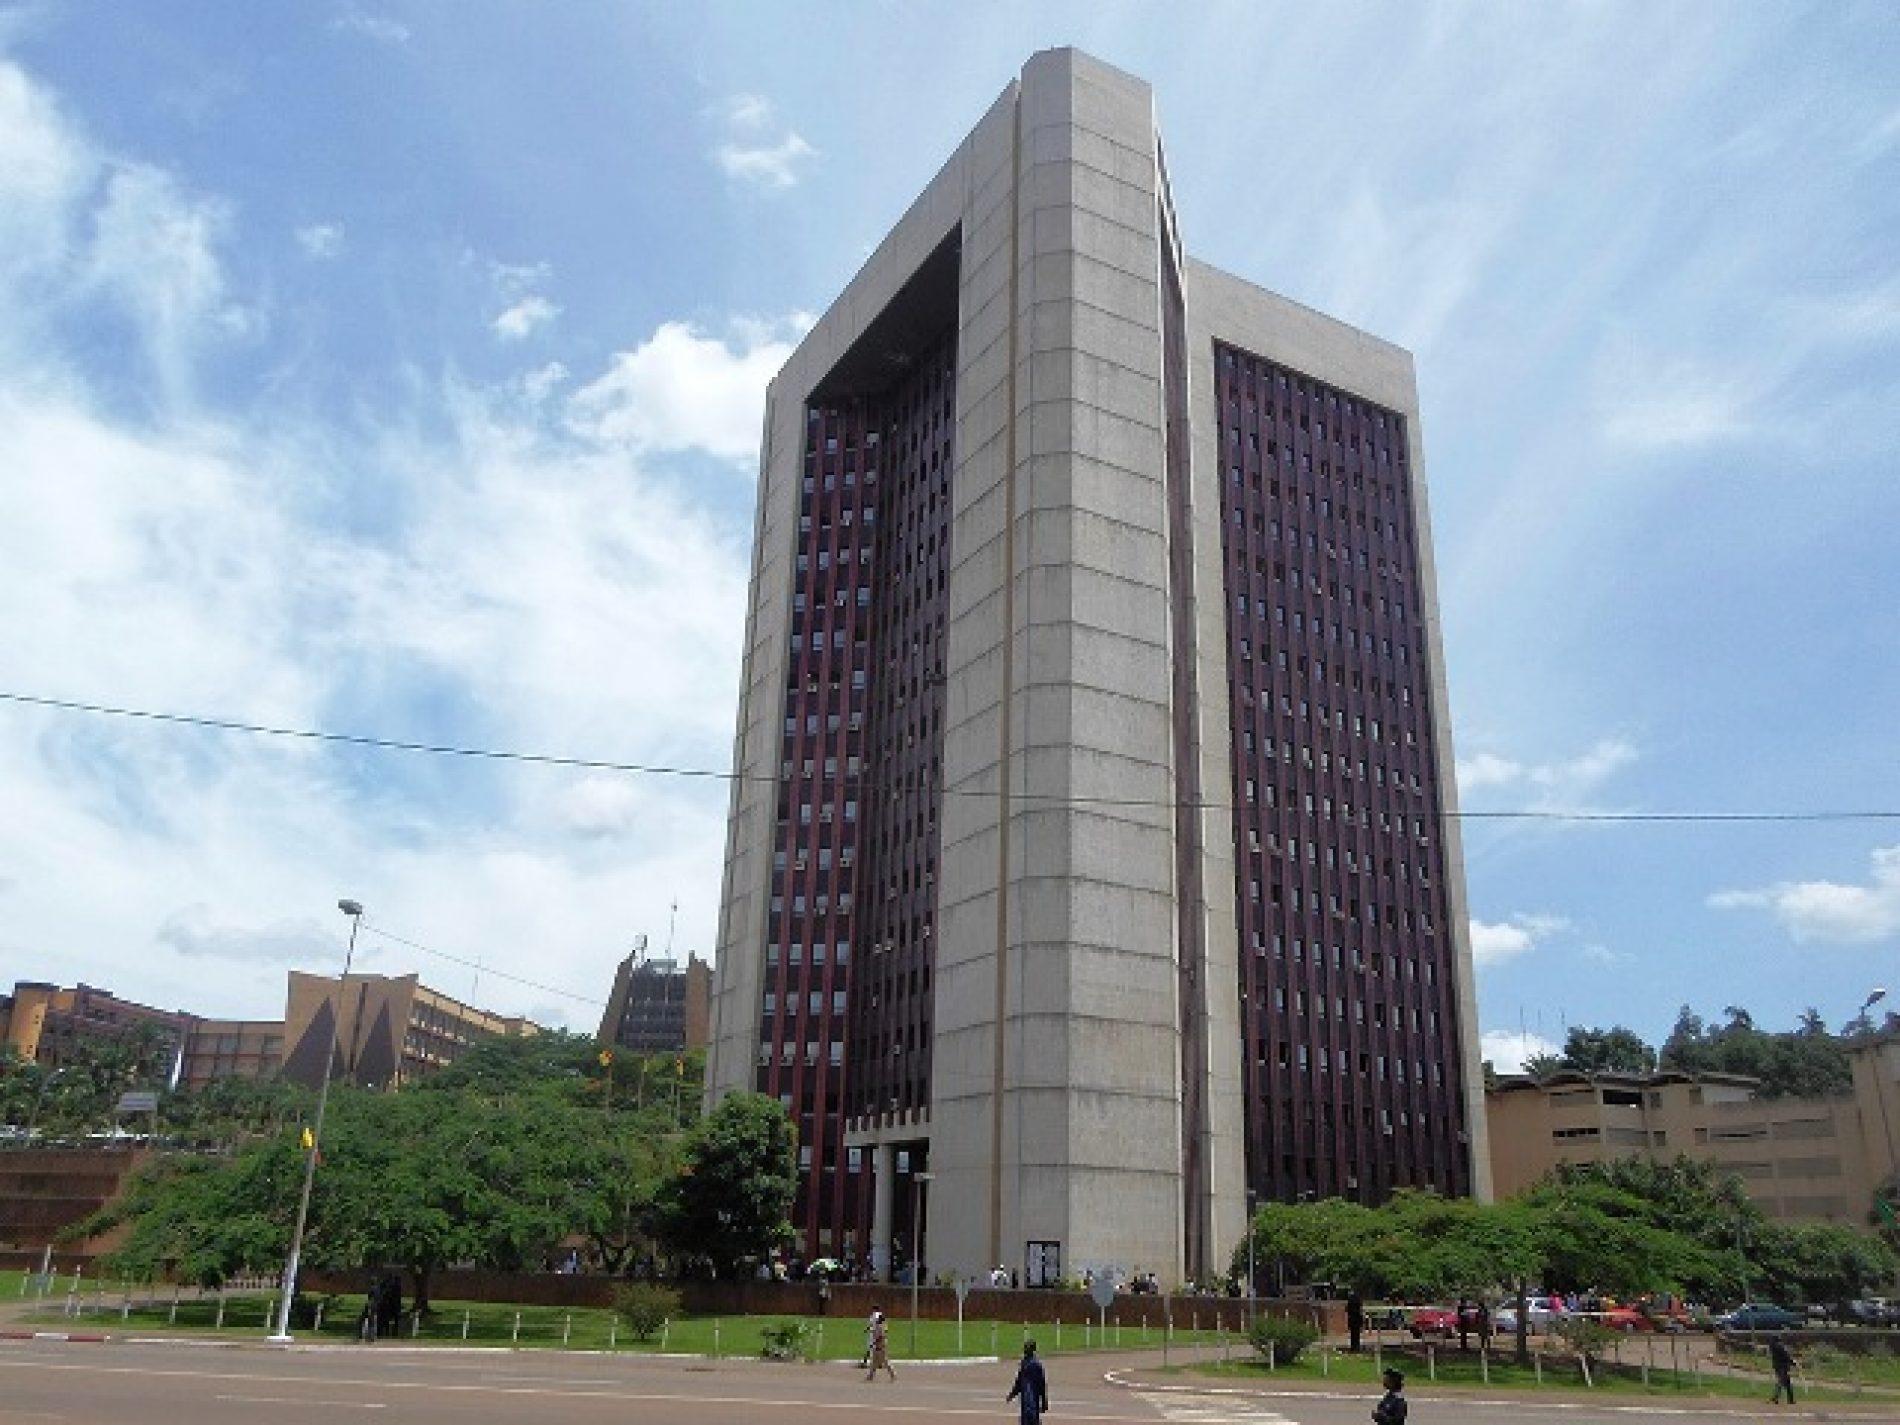 Incendies répétitifs dans les ministères: Sécurité des bâtiments publics